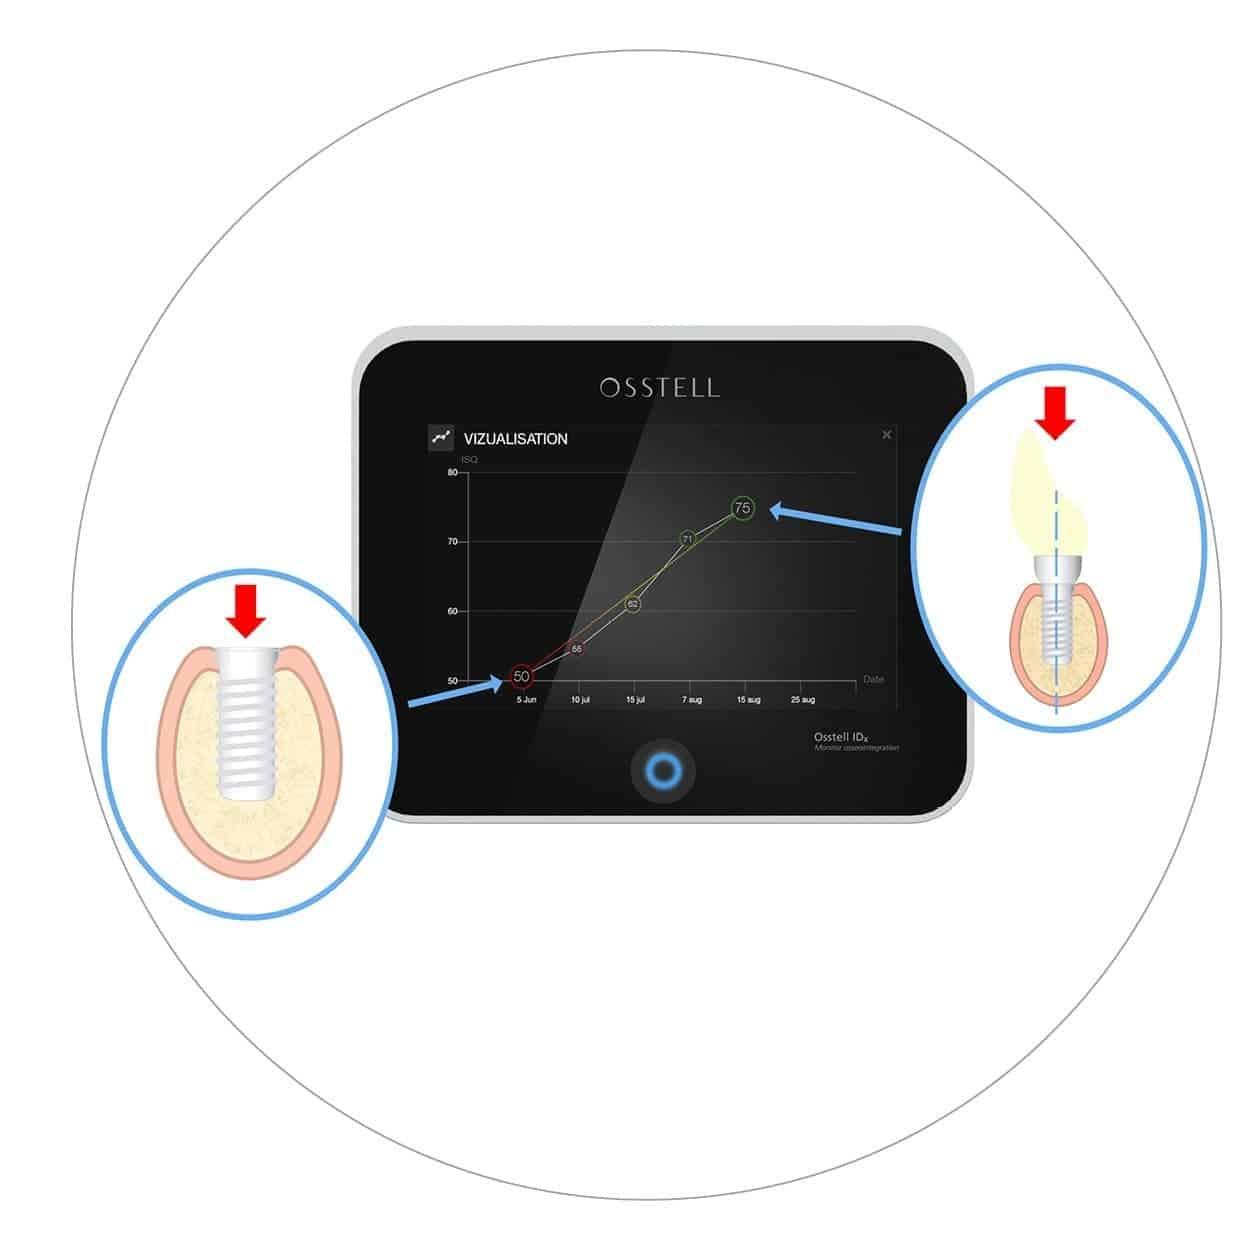 Mjerenje stabilnosti zubnih implantata